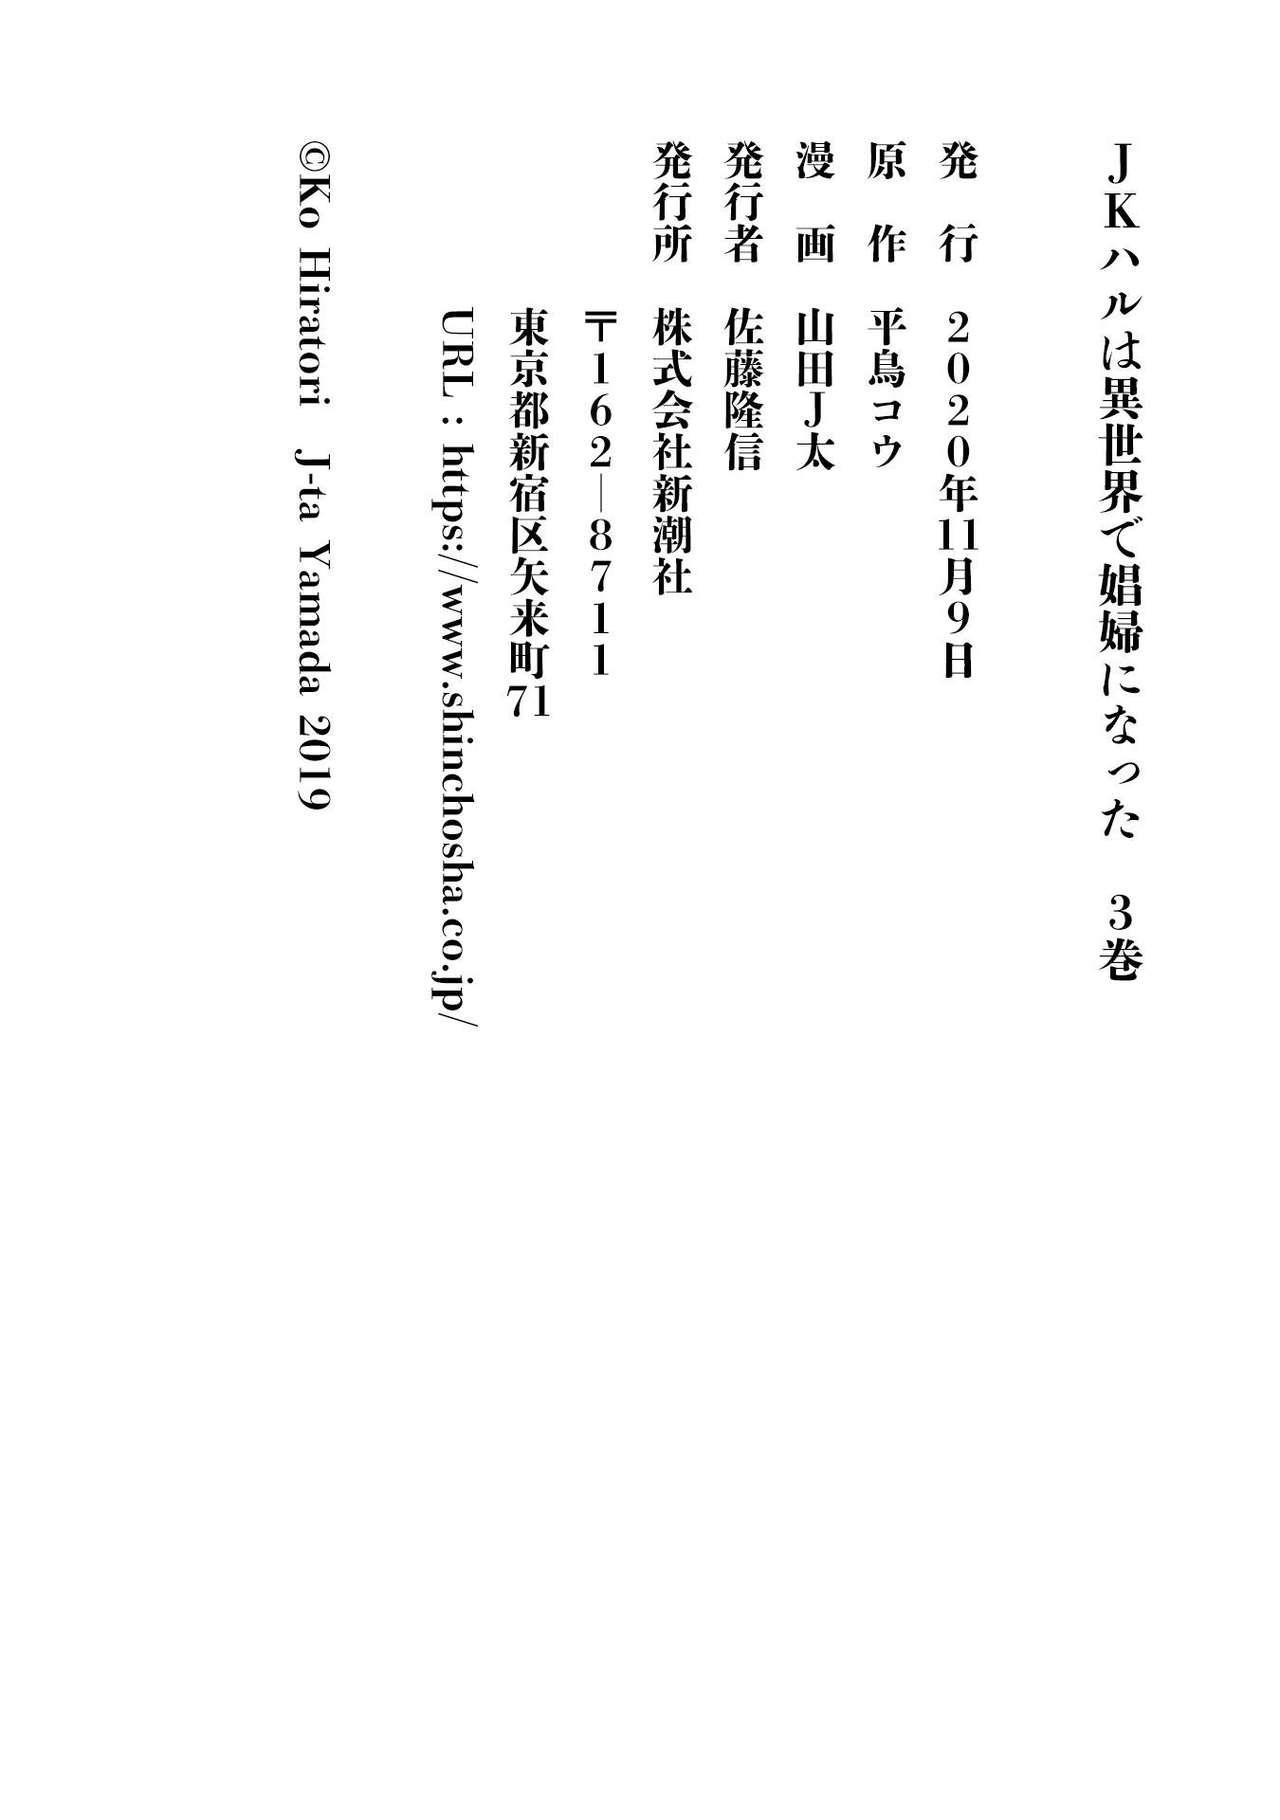 JK Haru wa Isekai de Shoufu ni Natta 1-14 539